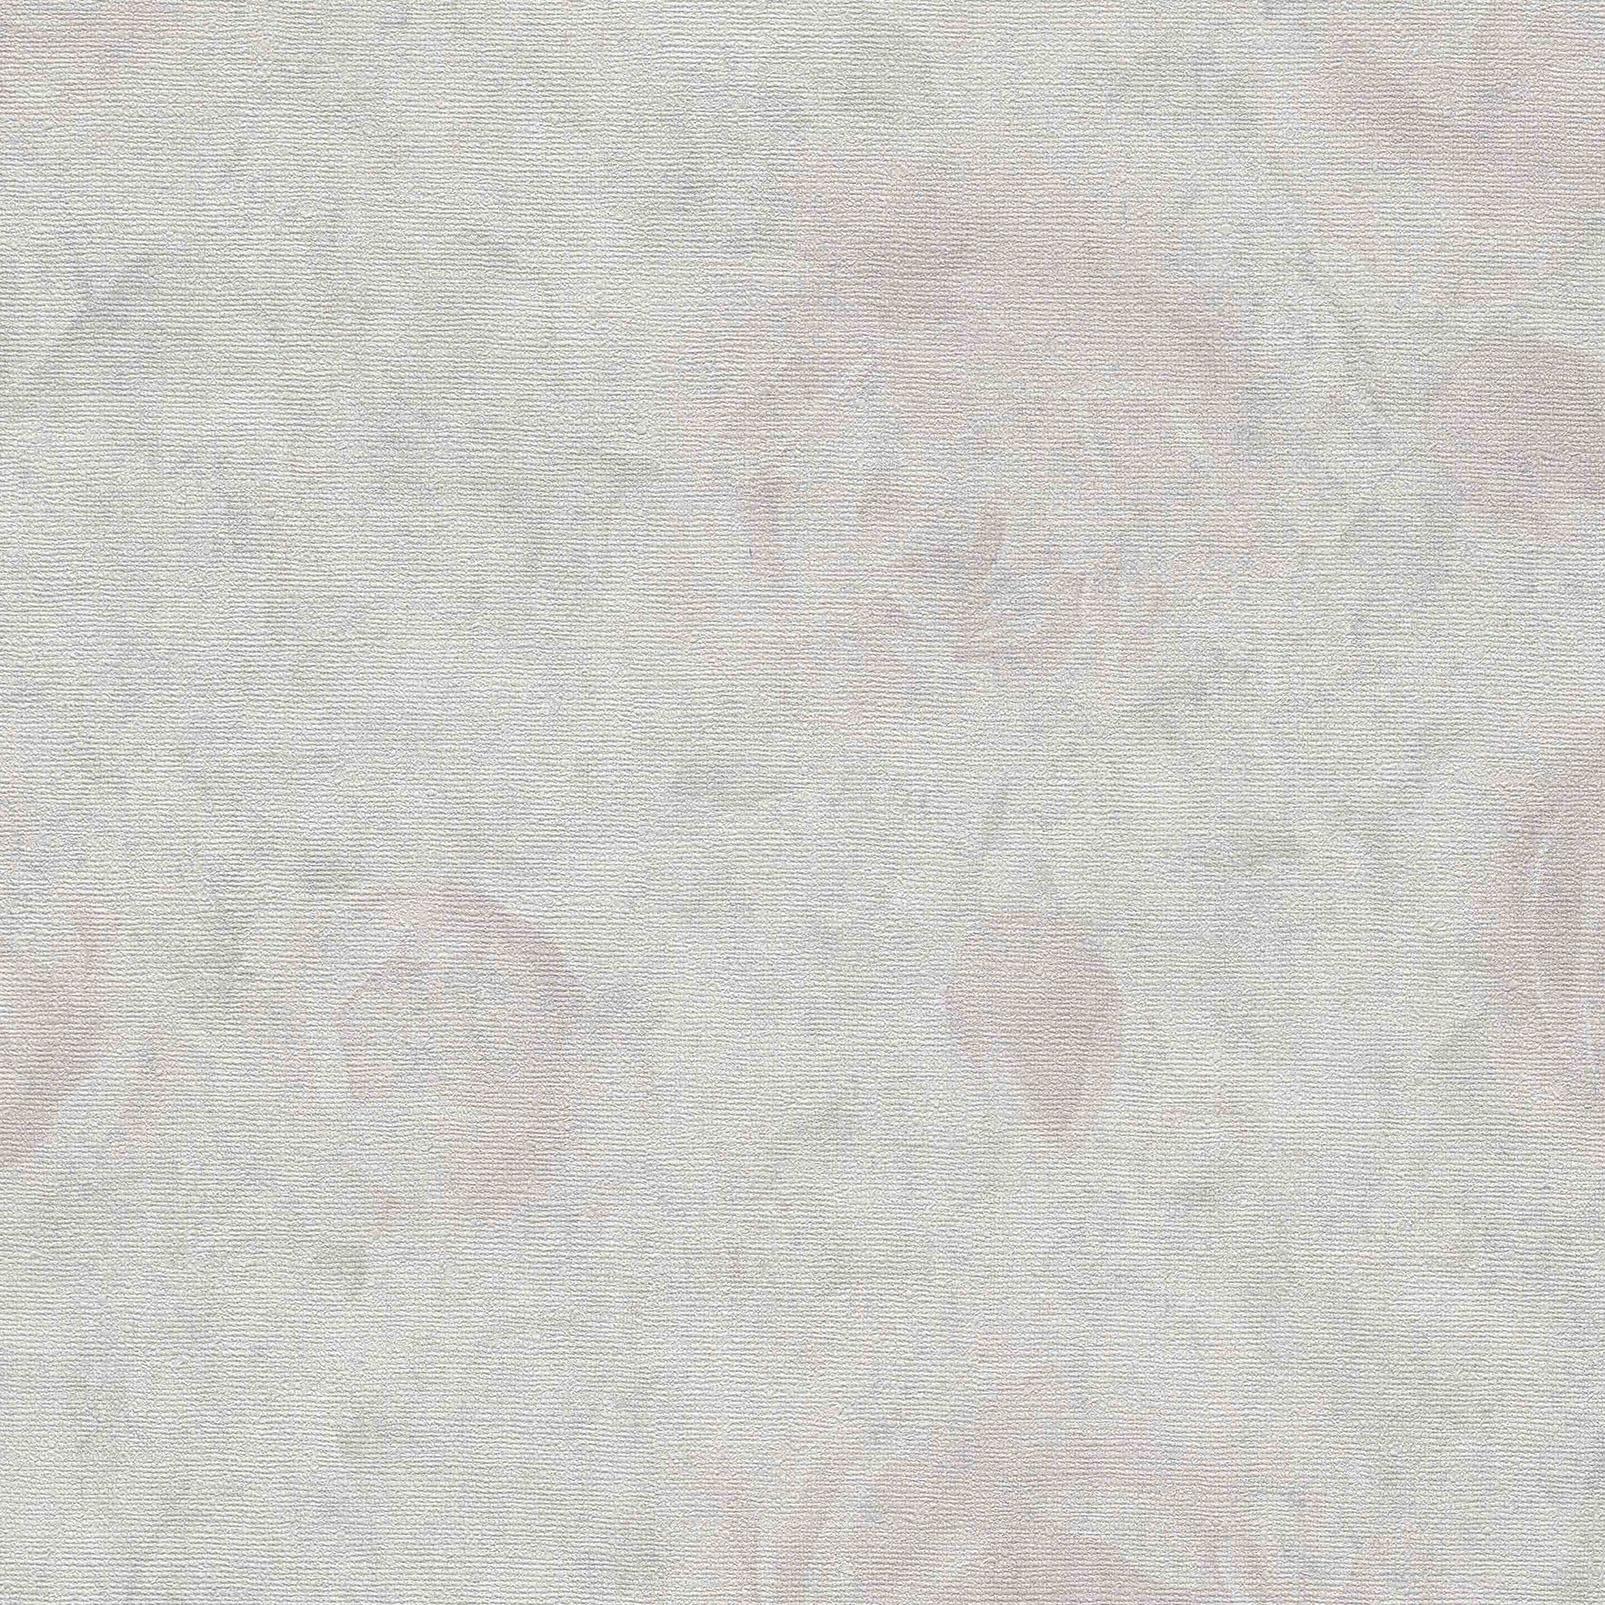 RM2 MYSTIC FLOWER RM2 219930 ICE